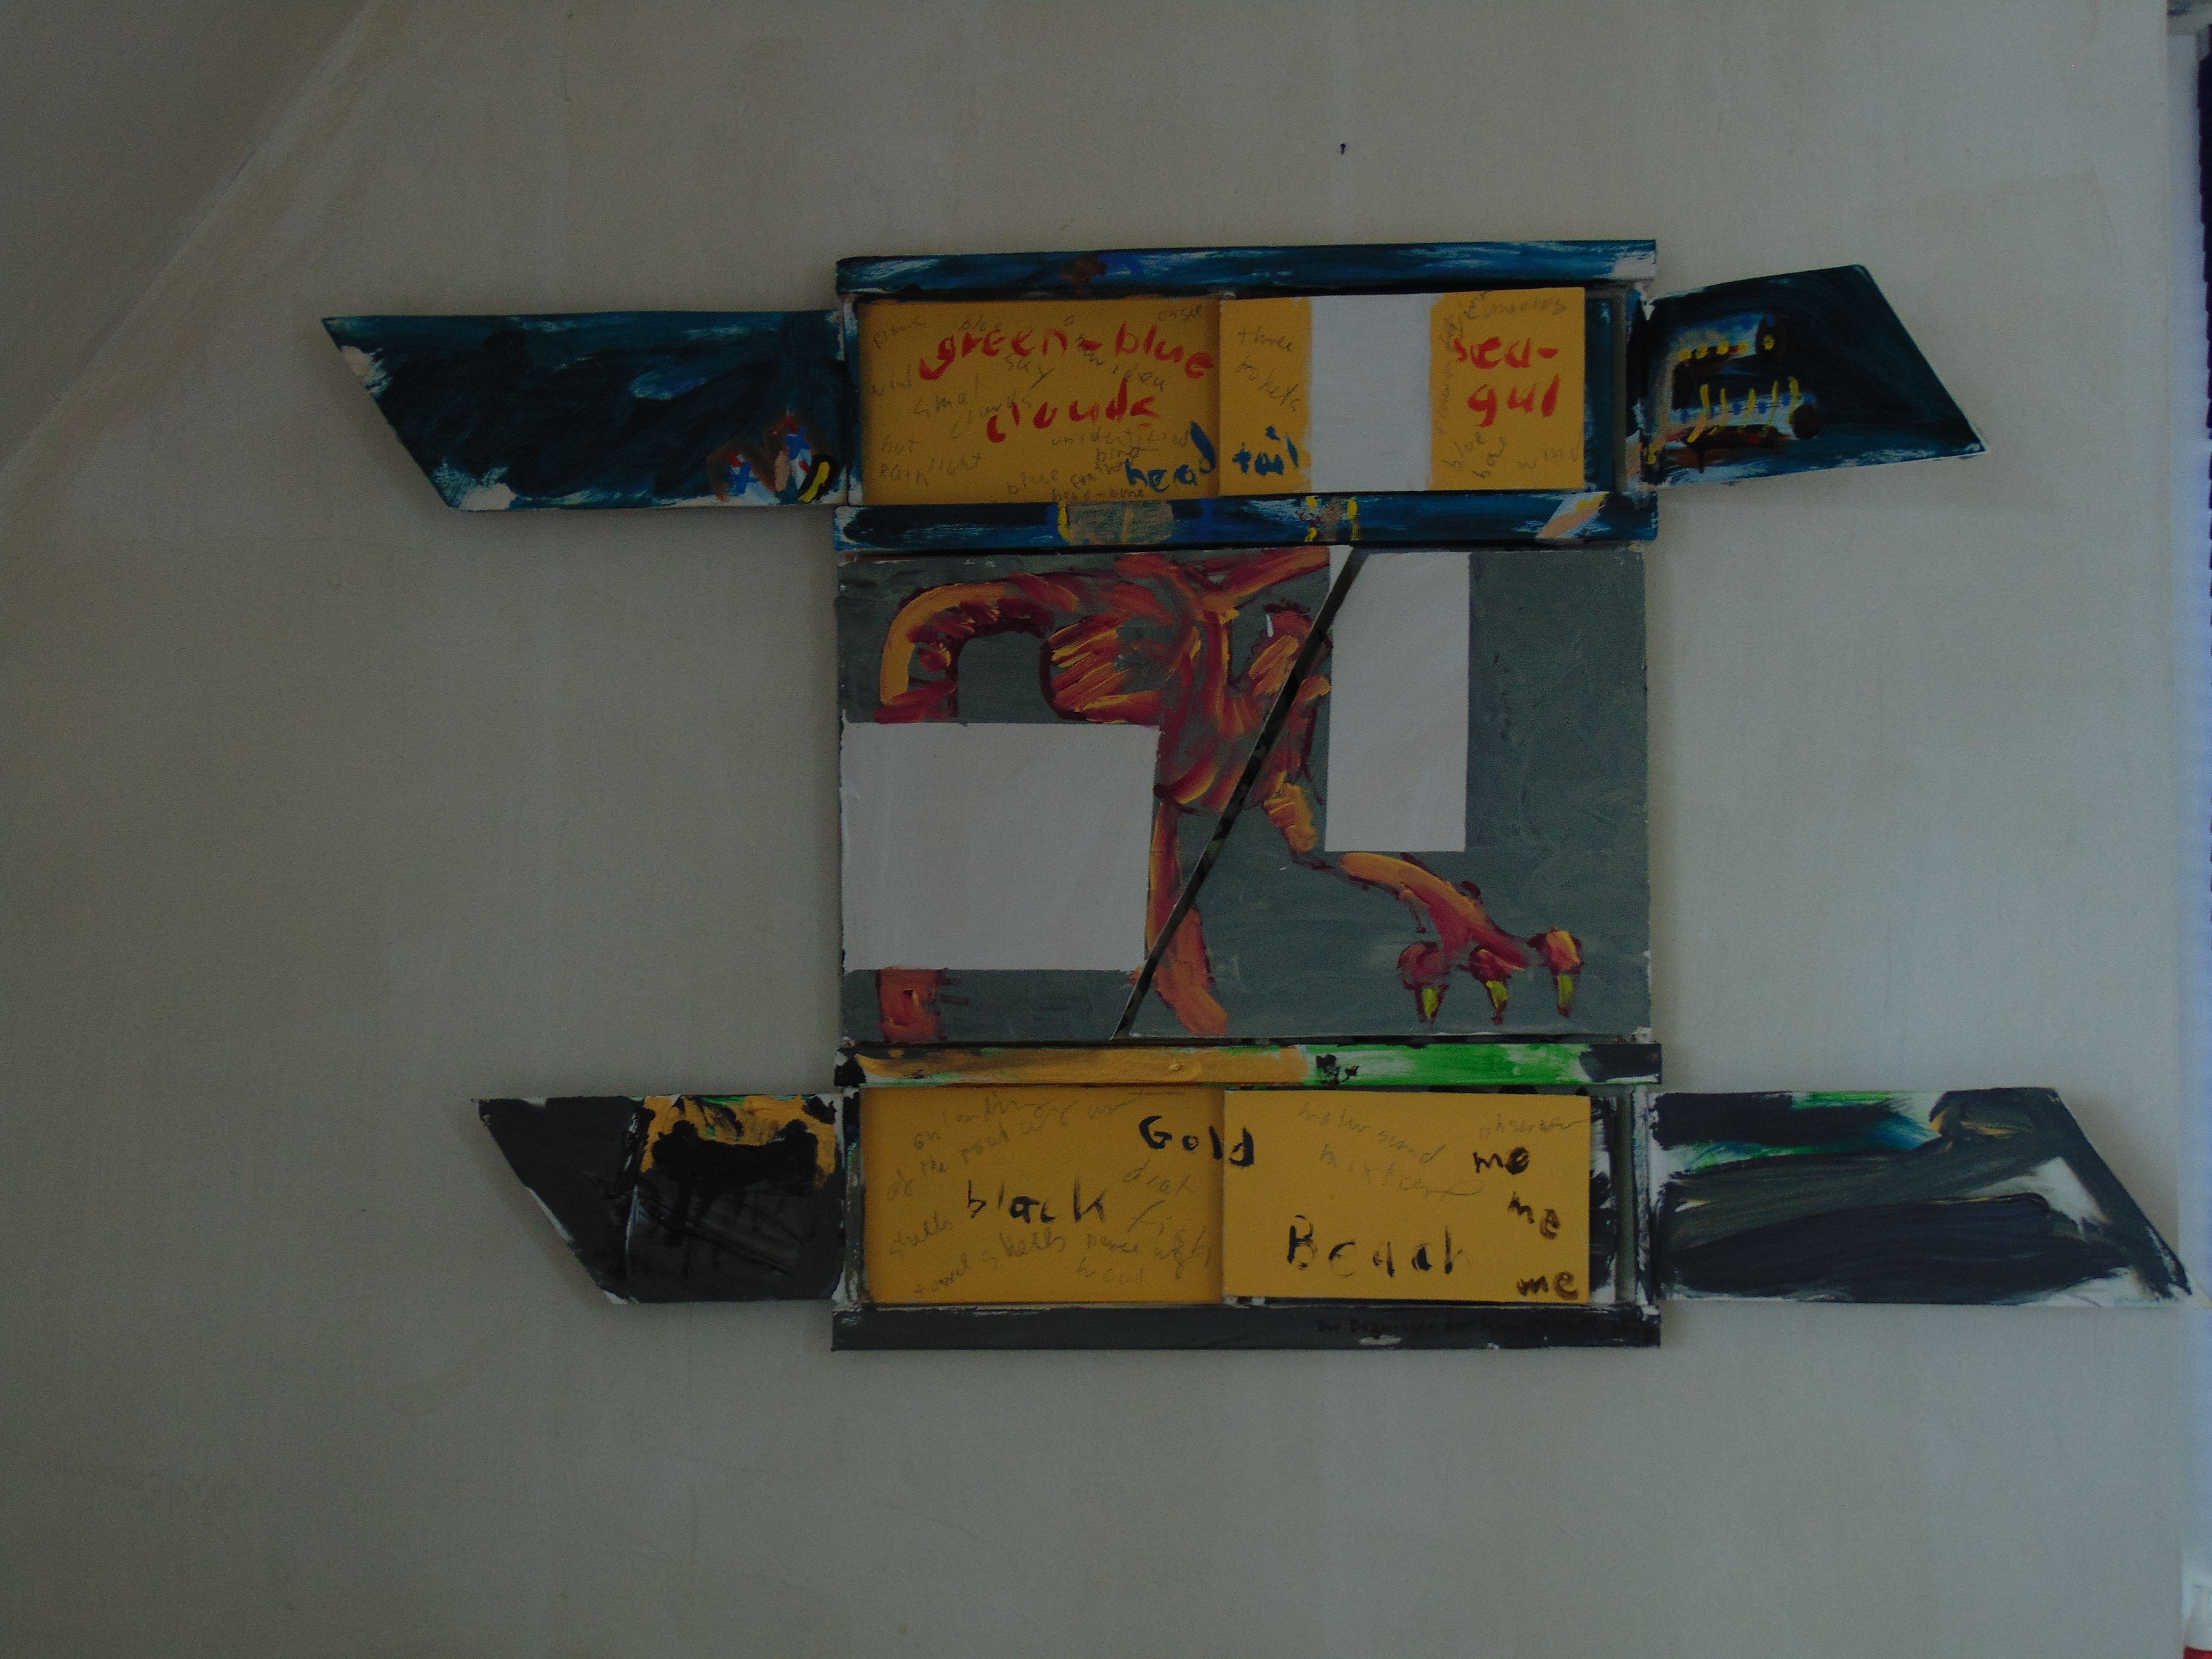 Mittig: ein Vogelkörper, oben und unten sind Schriftelemente zu sehen, die ein Bild markieren